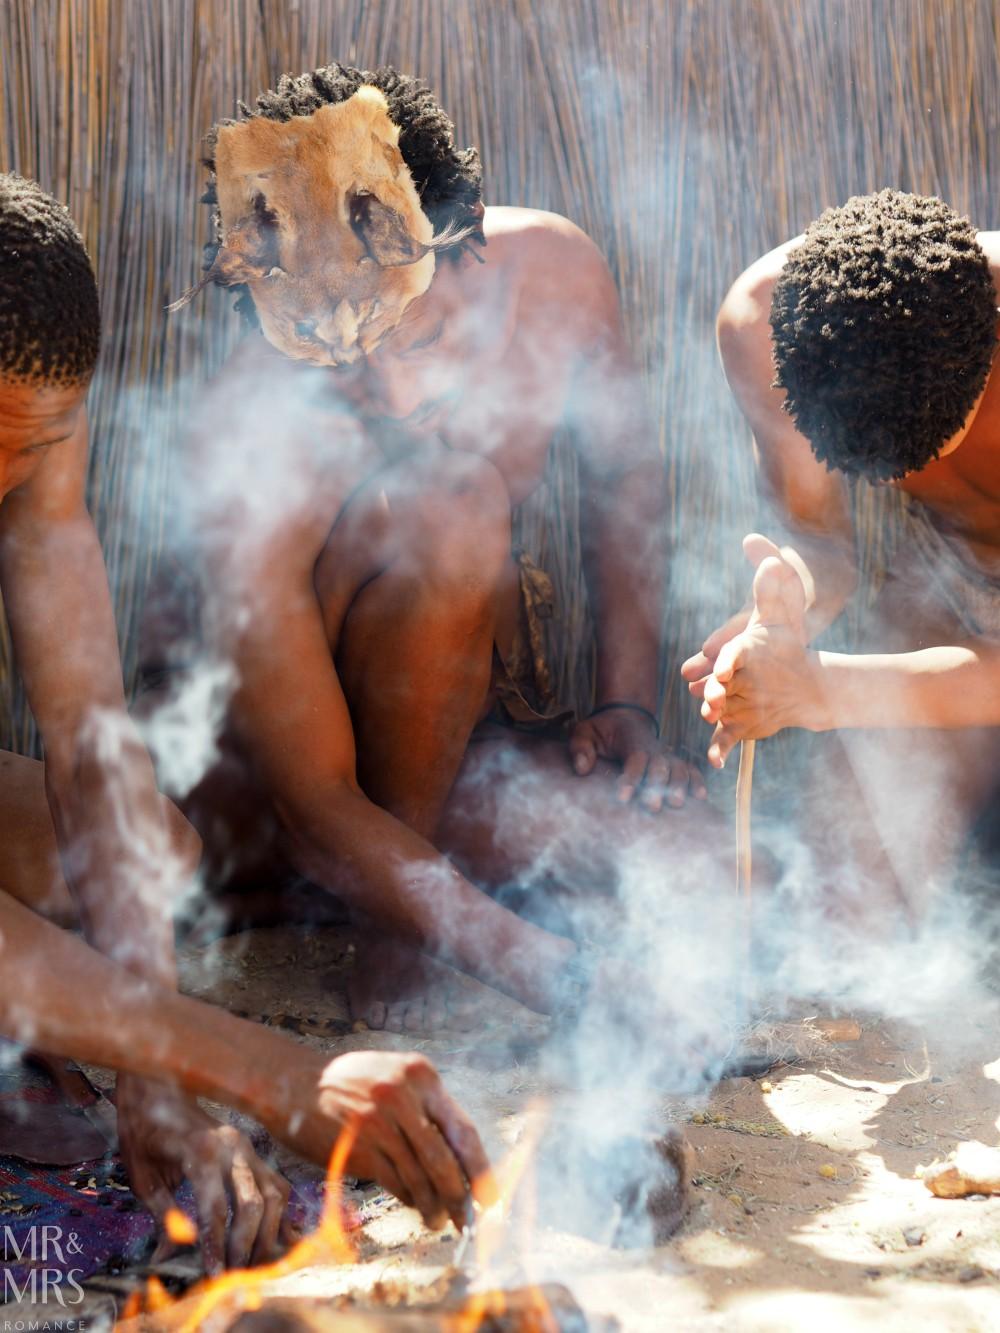 Visit South Africa - Kalahari Bushmen making fire